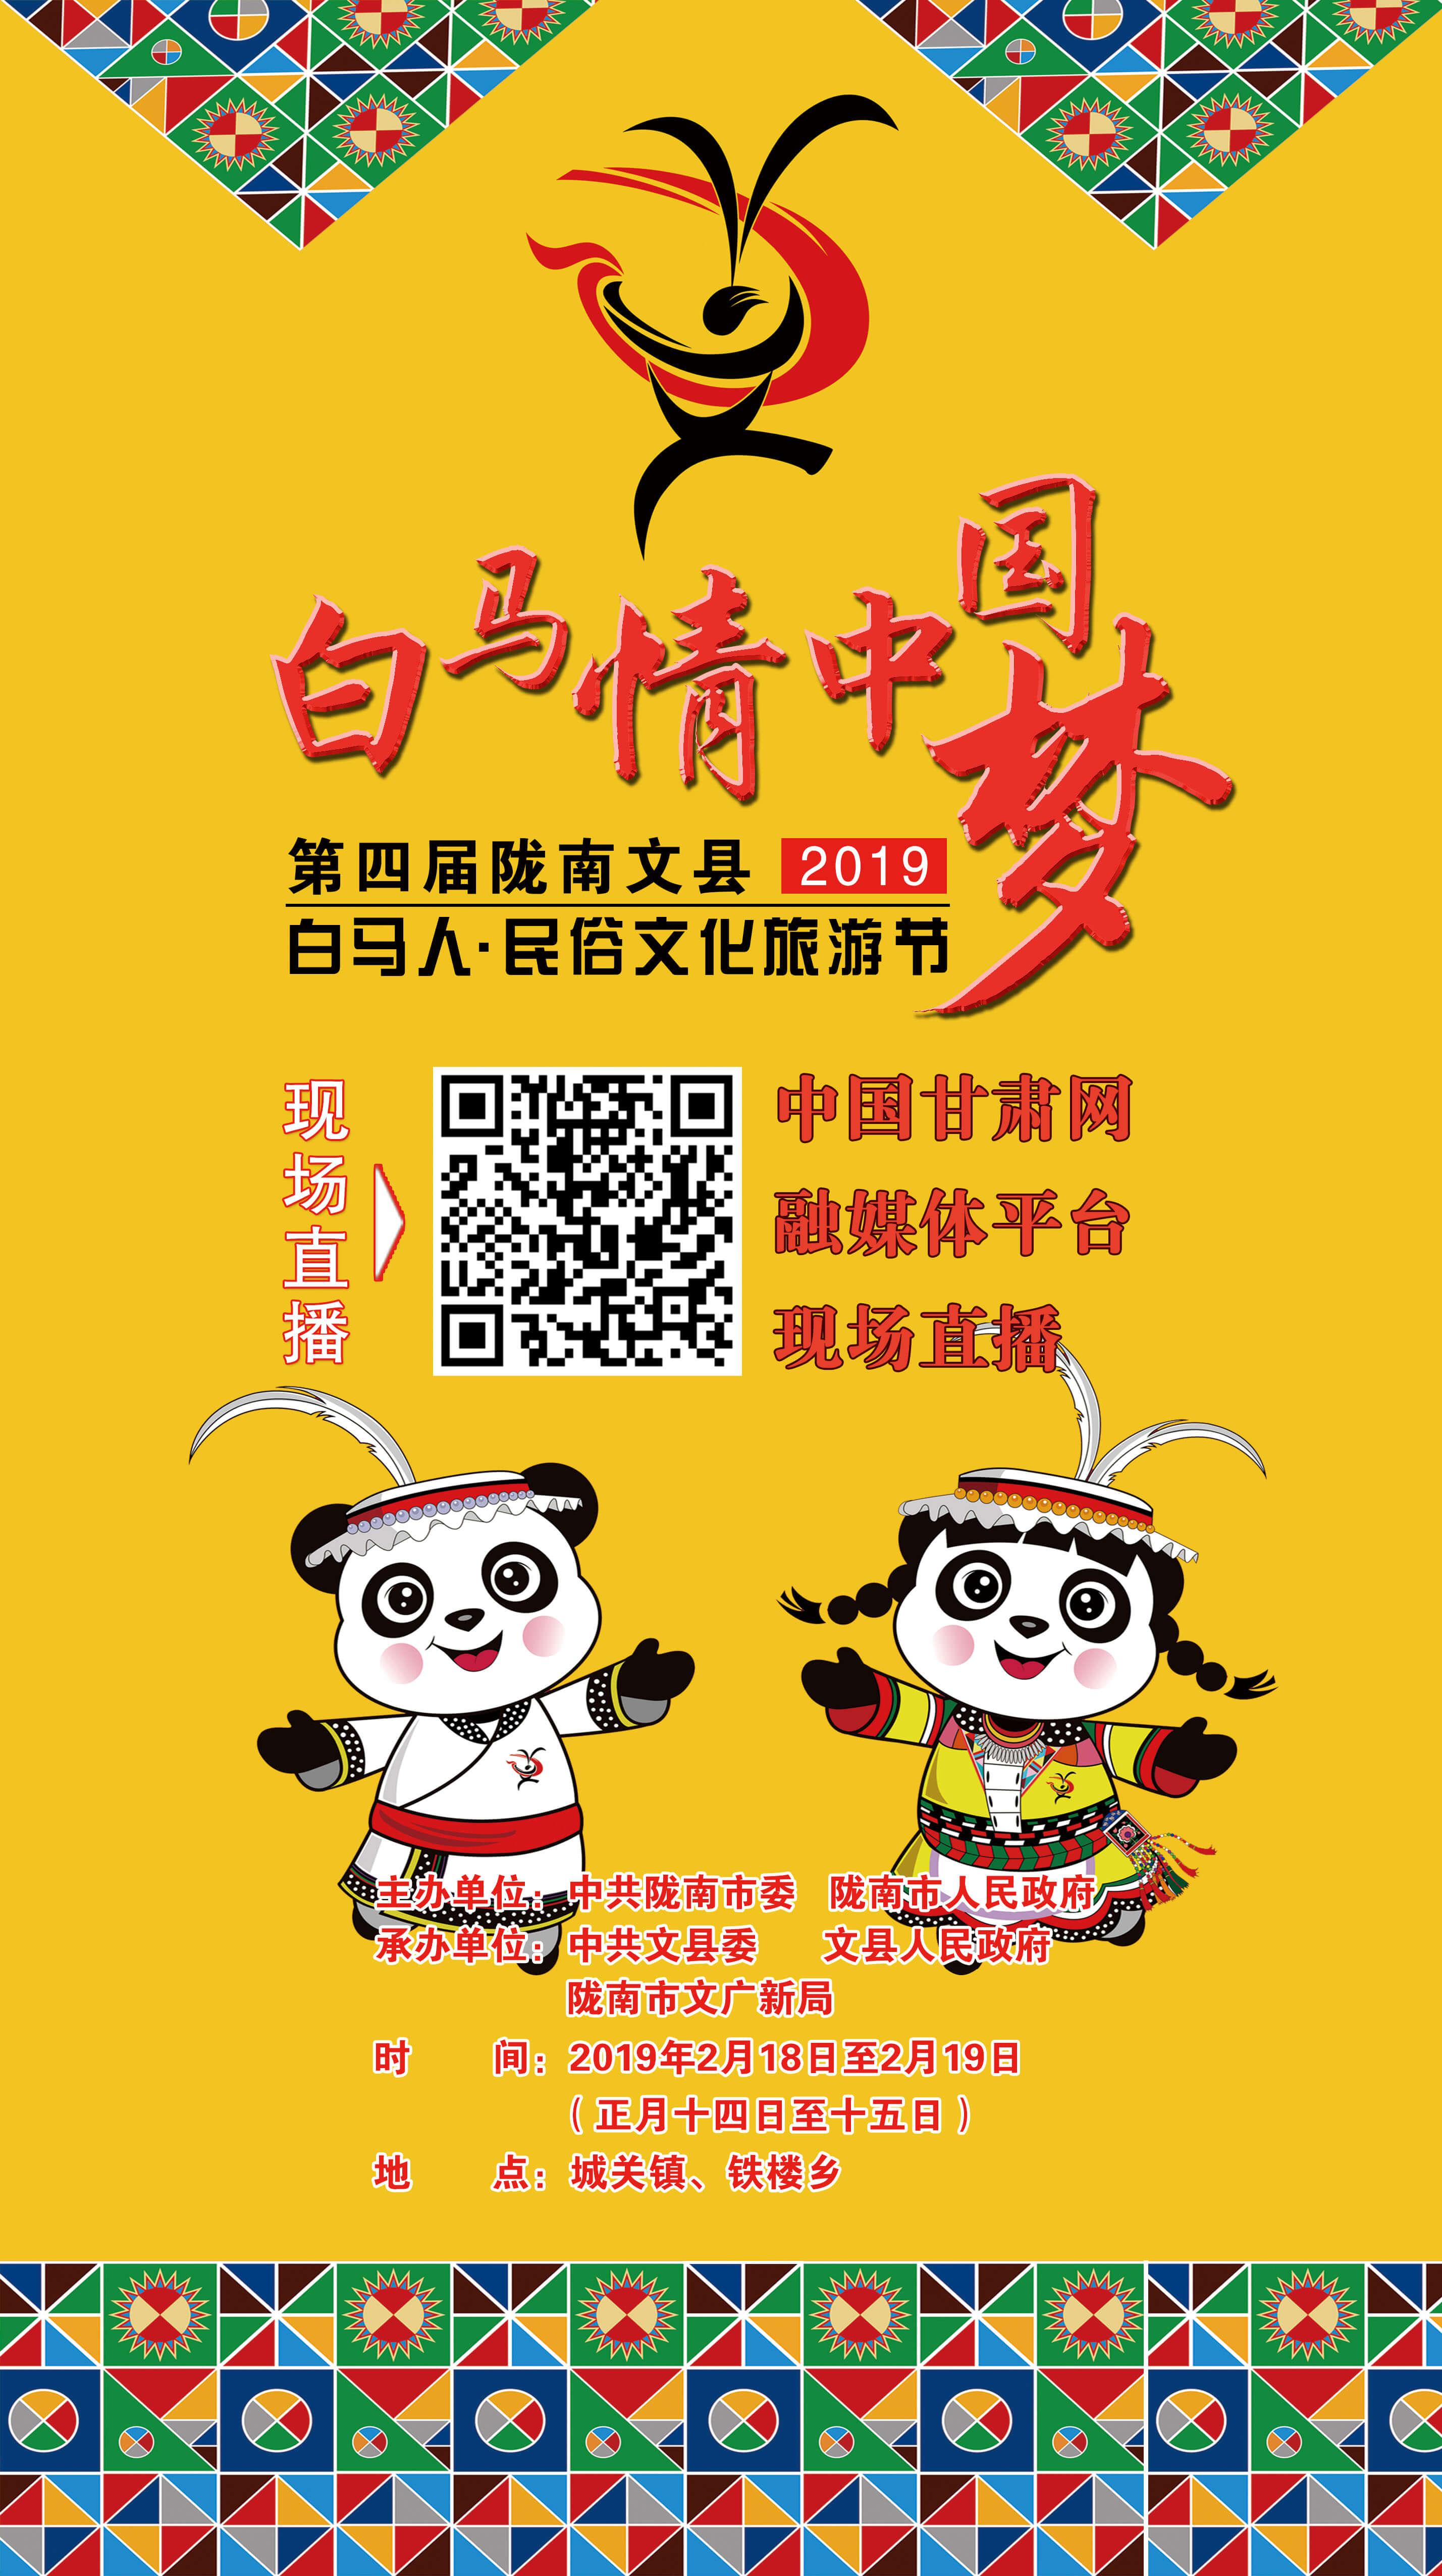 【现场直播】第四届陇南文县白马人·民俗文化旅游节